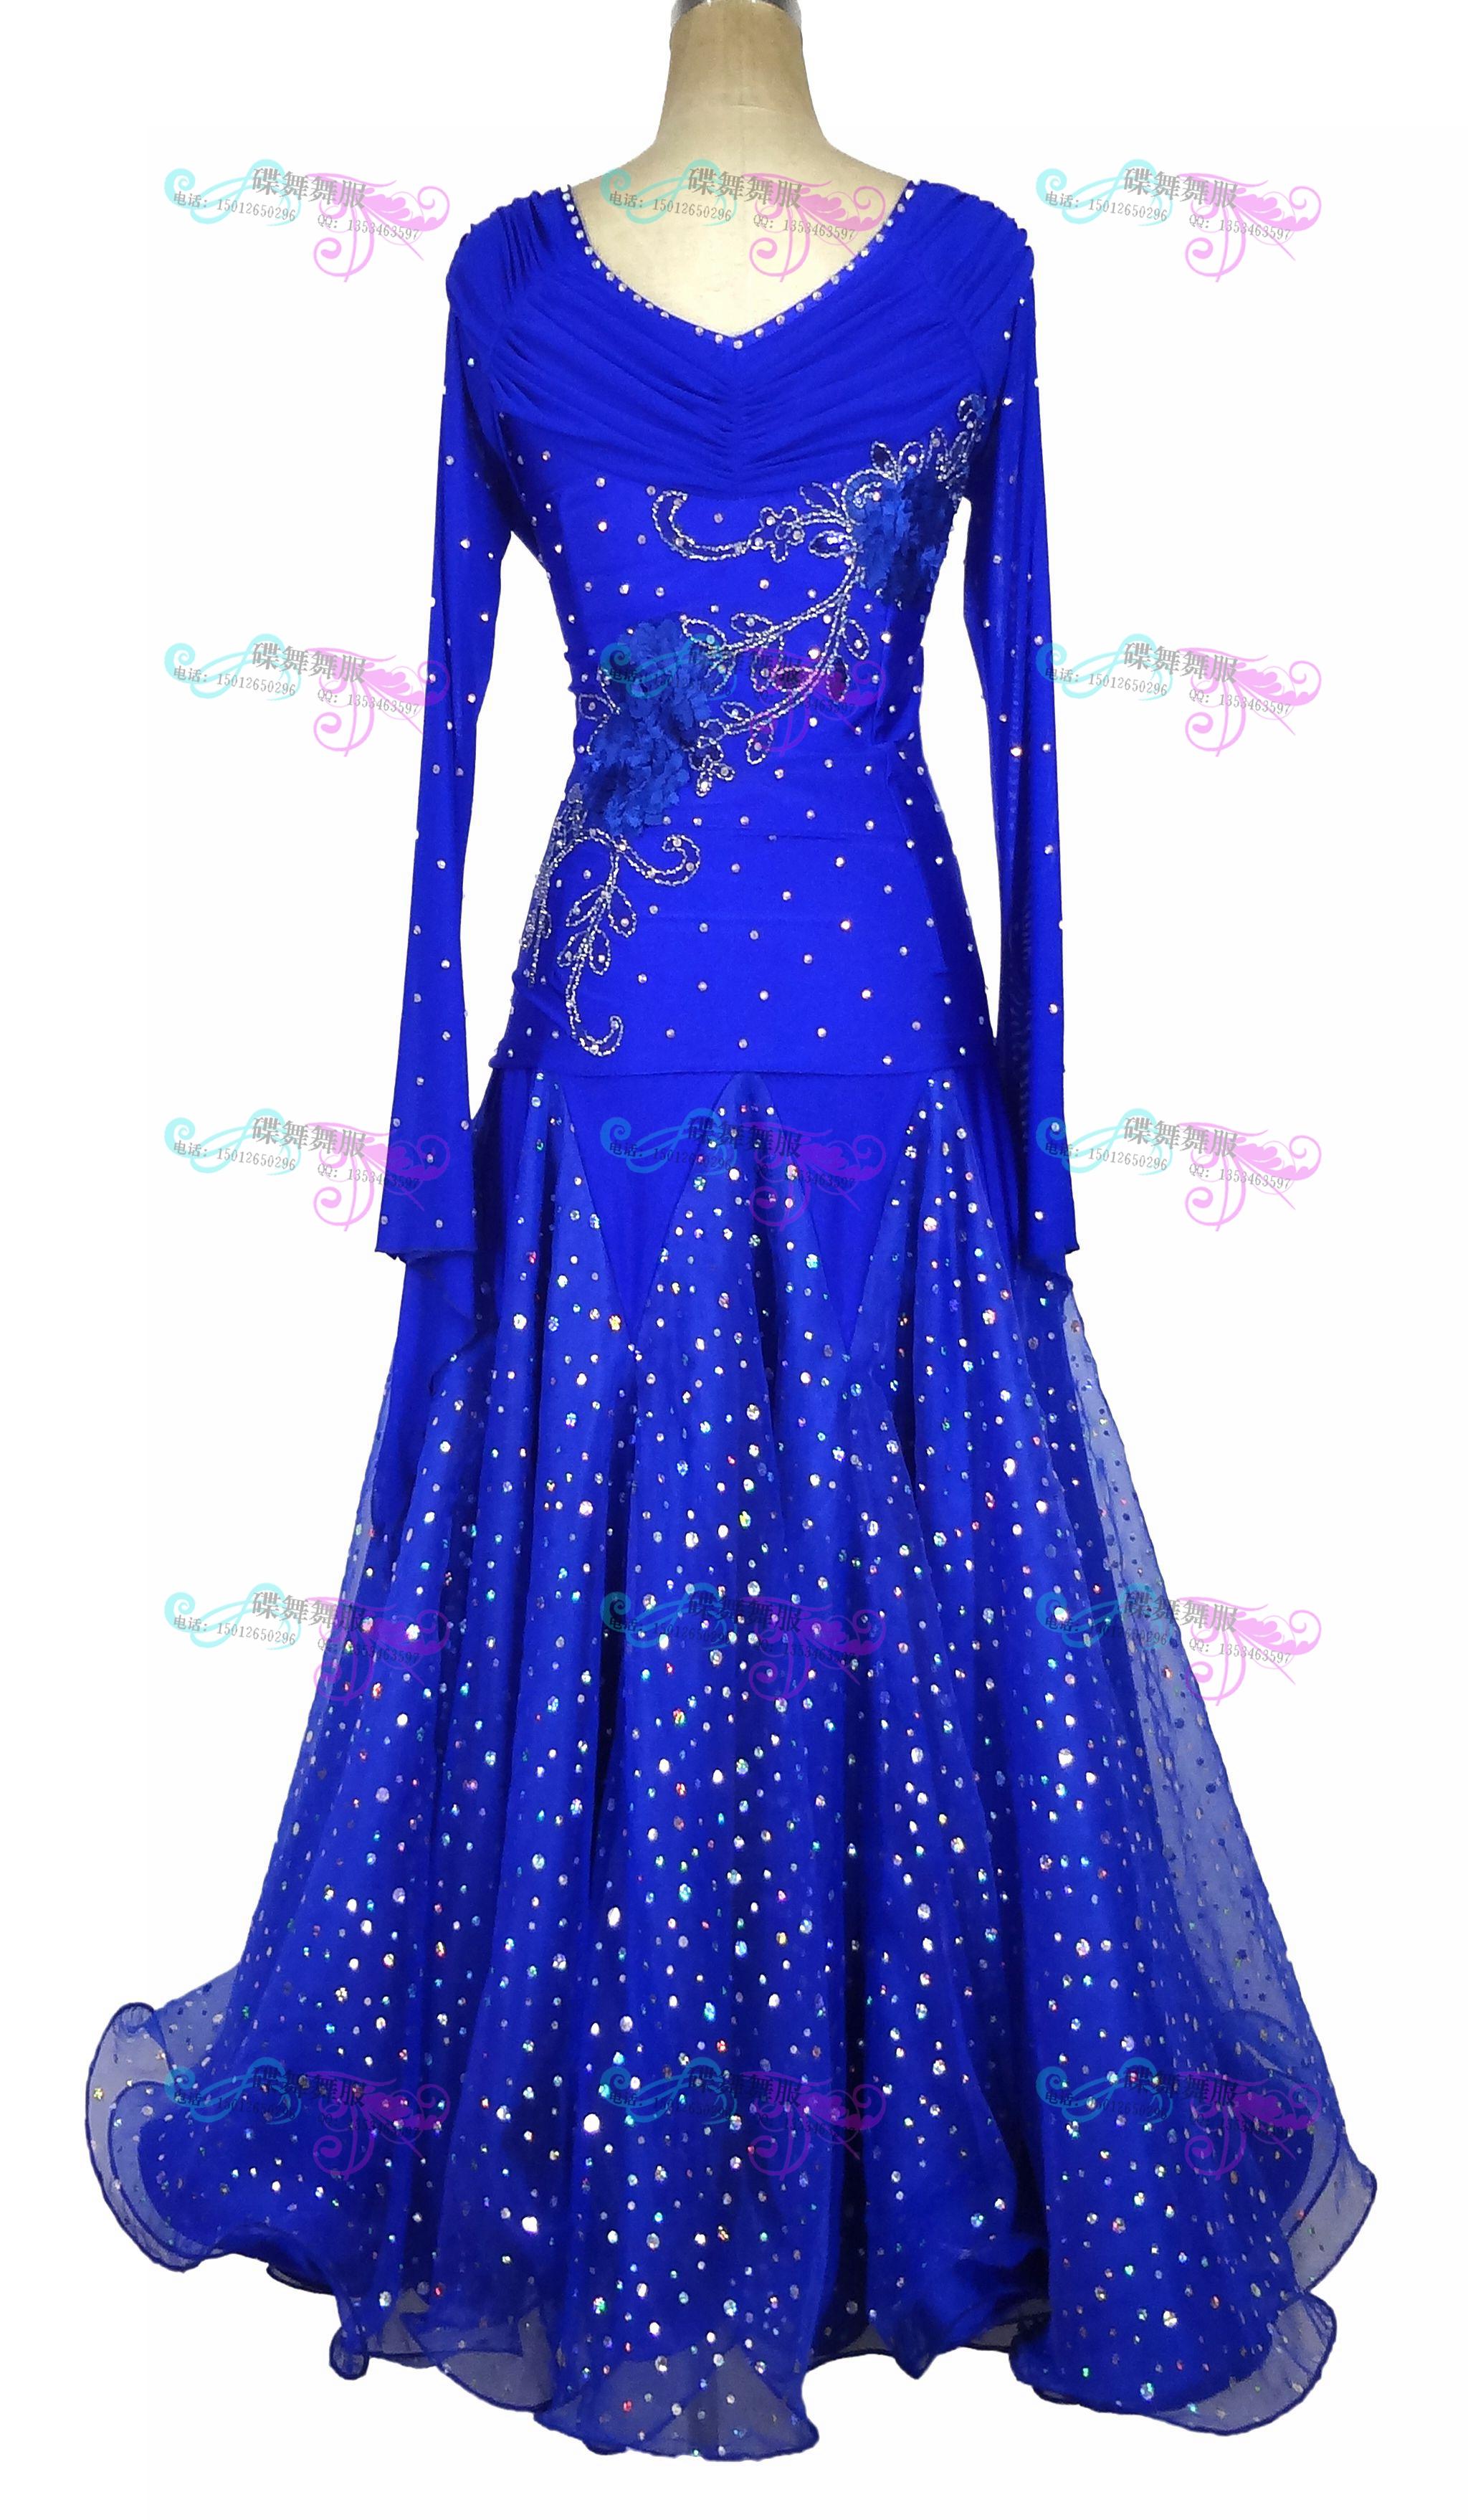 цена Танцевальные костюмы Butterfly dance dance clothing lx085 2013 LX086 онлайн в 2017 году